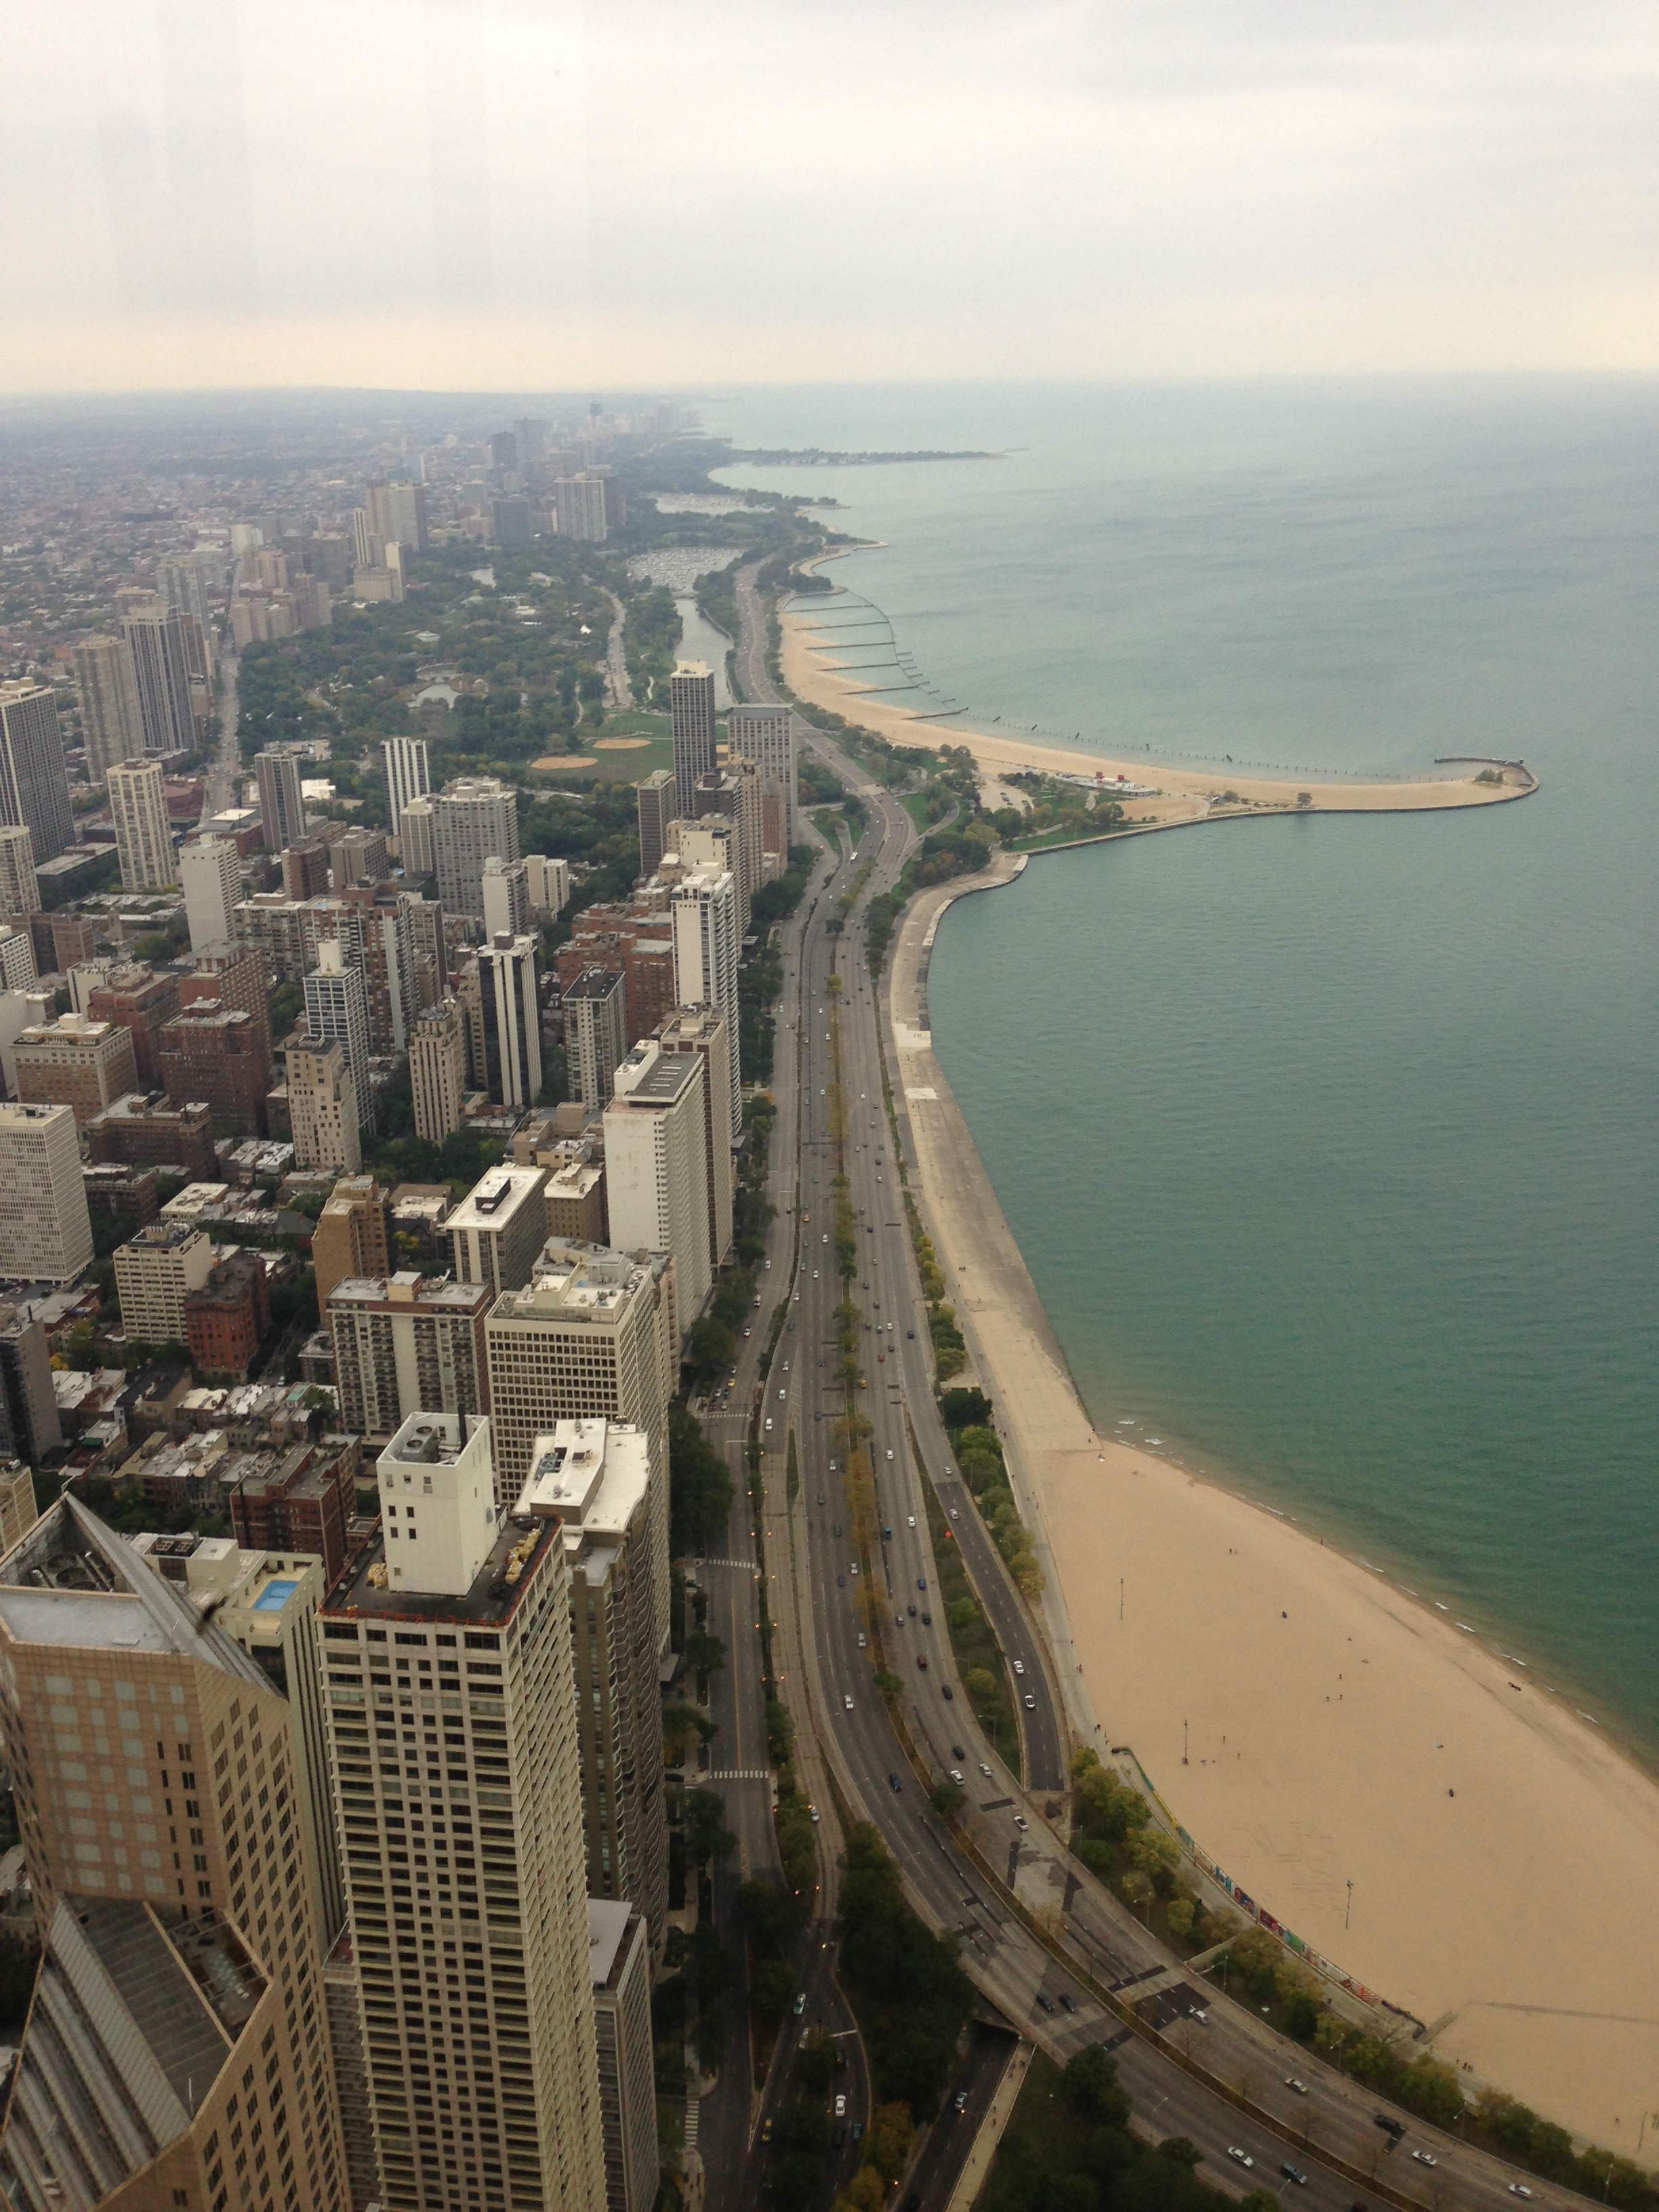 48 Hours Breezing through Chicago